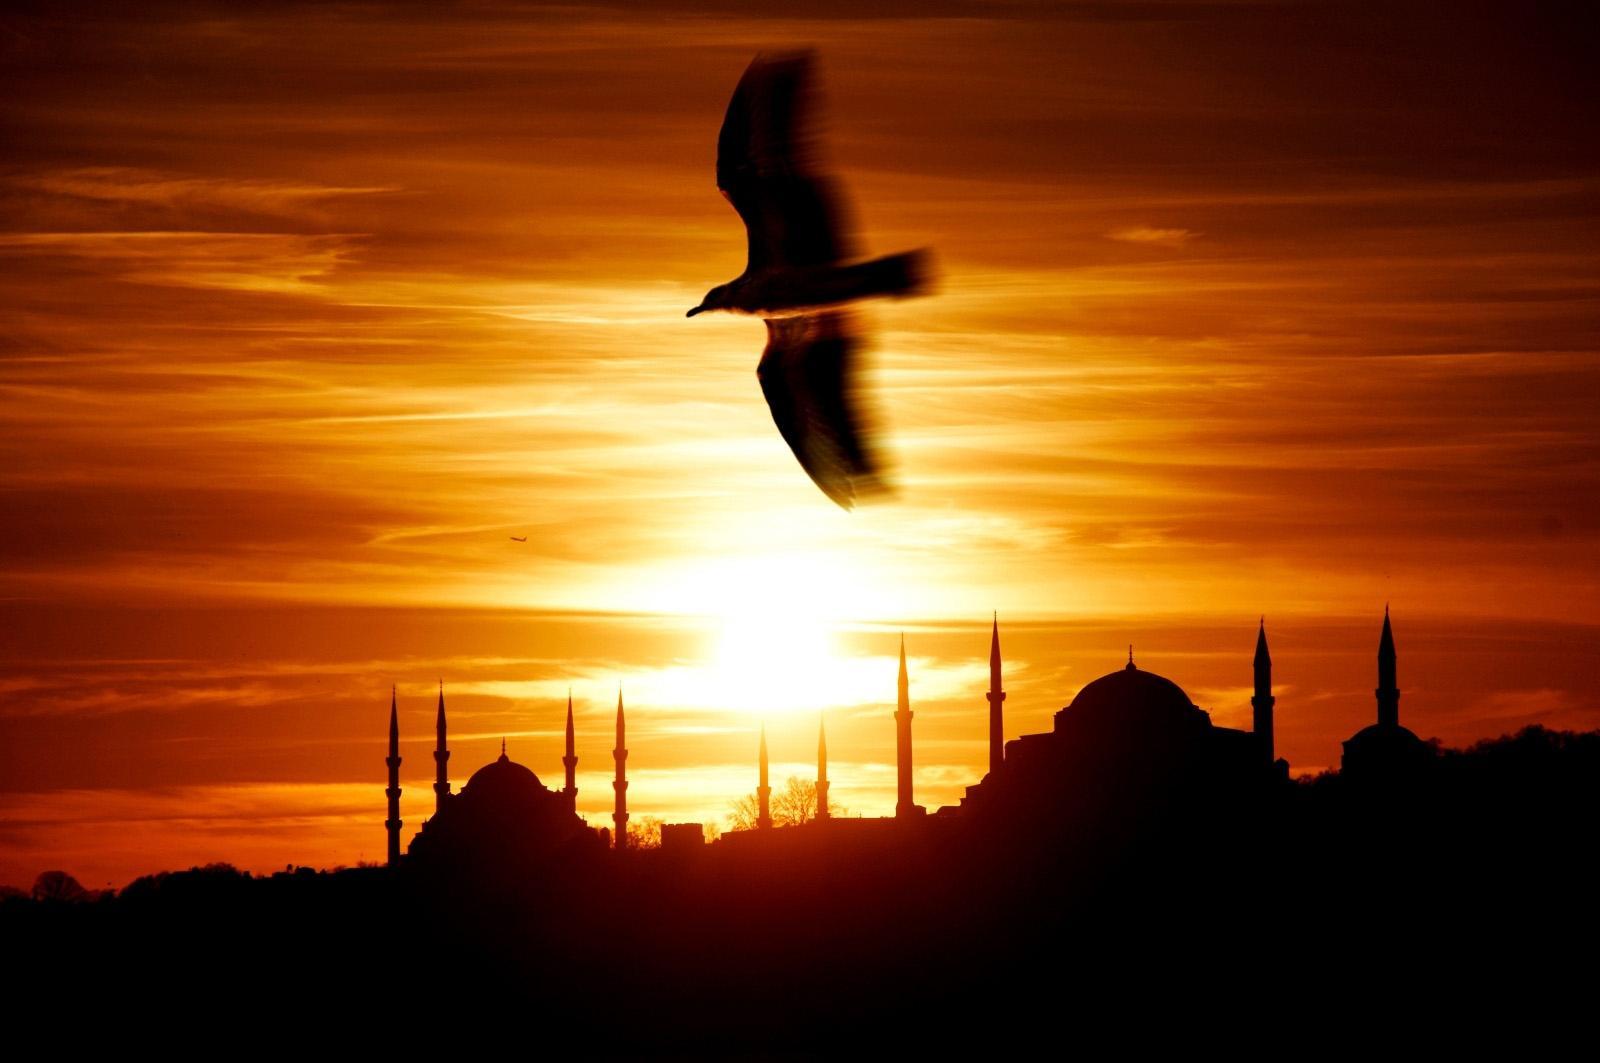 Üsküdar Sunset Sultan Ahmet and Hagia Sophia and the Seagull